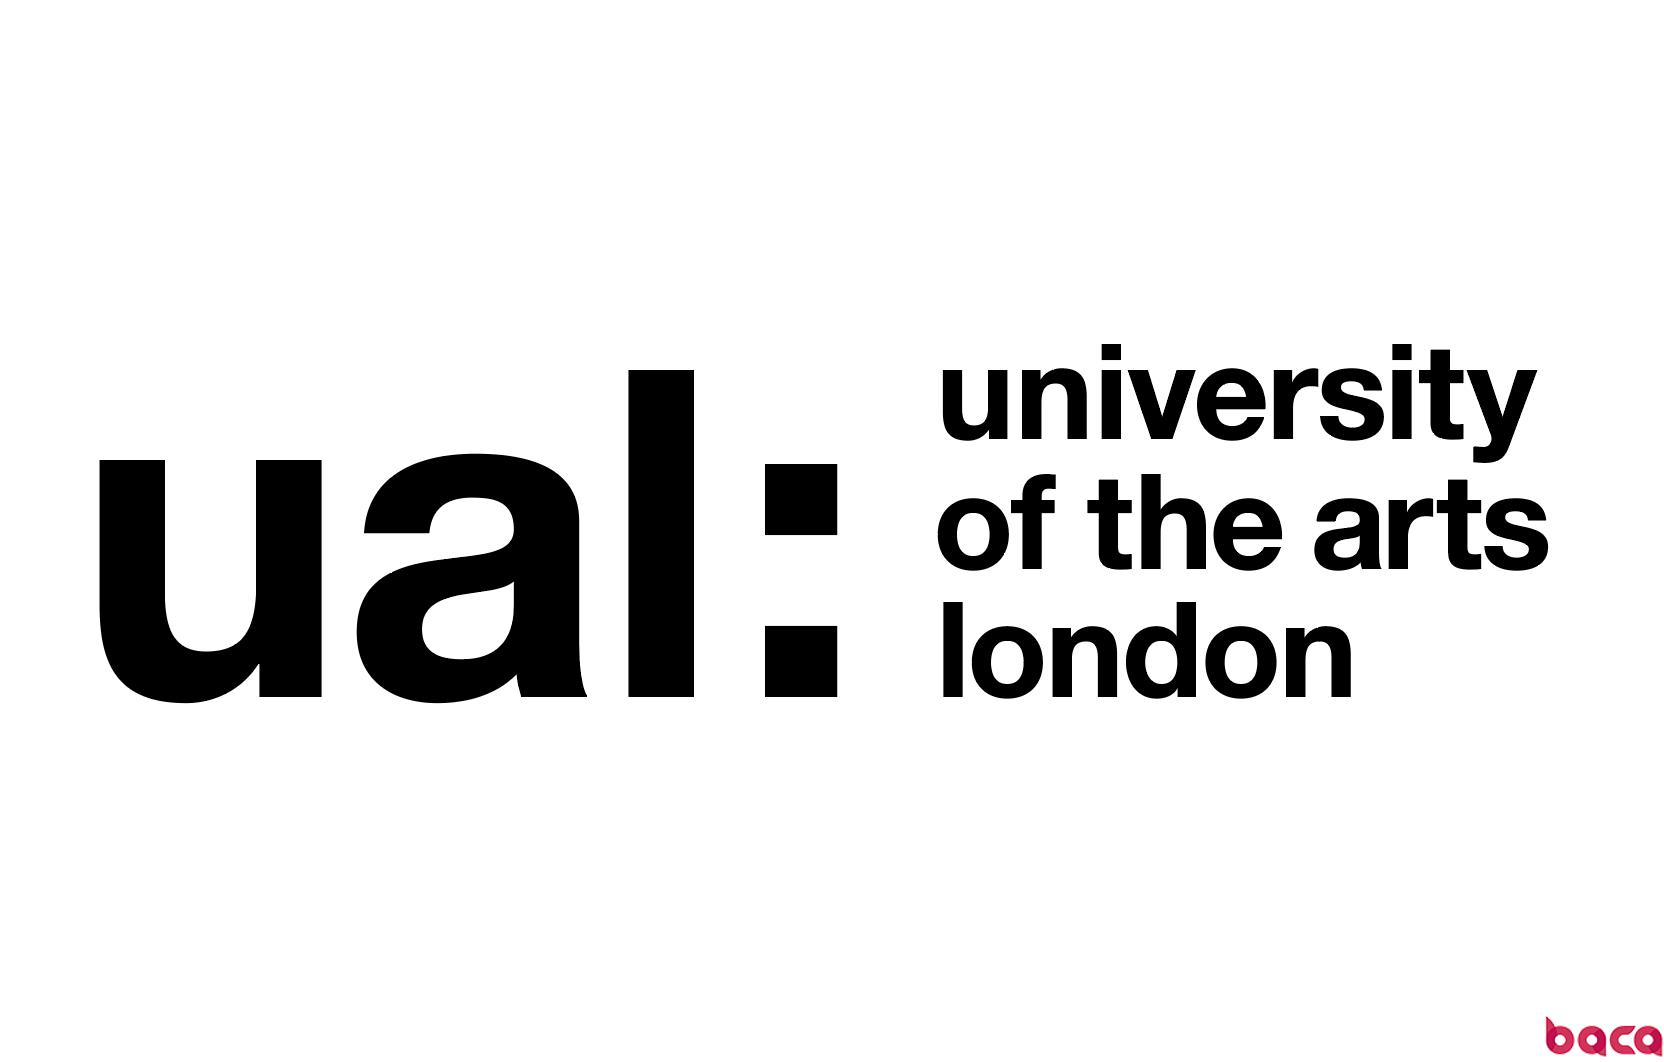 伦敦艺术大学招生政策解读